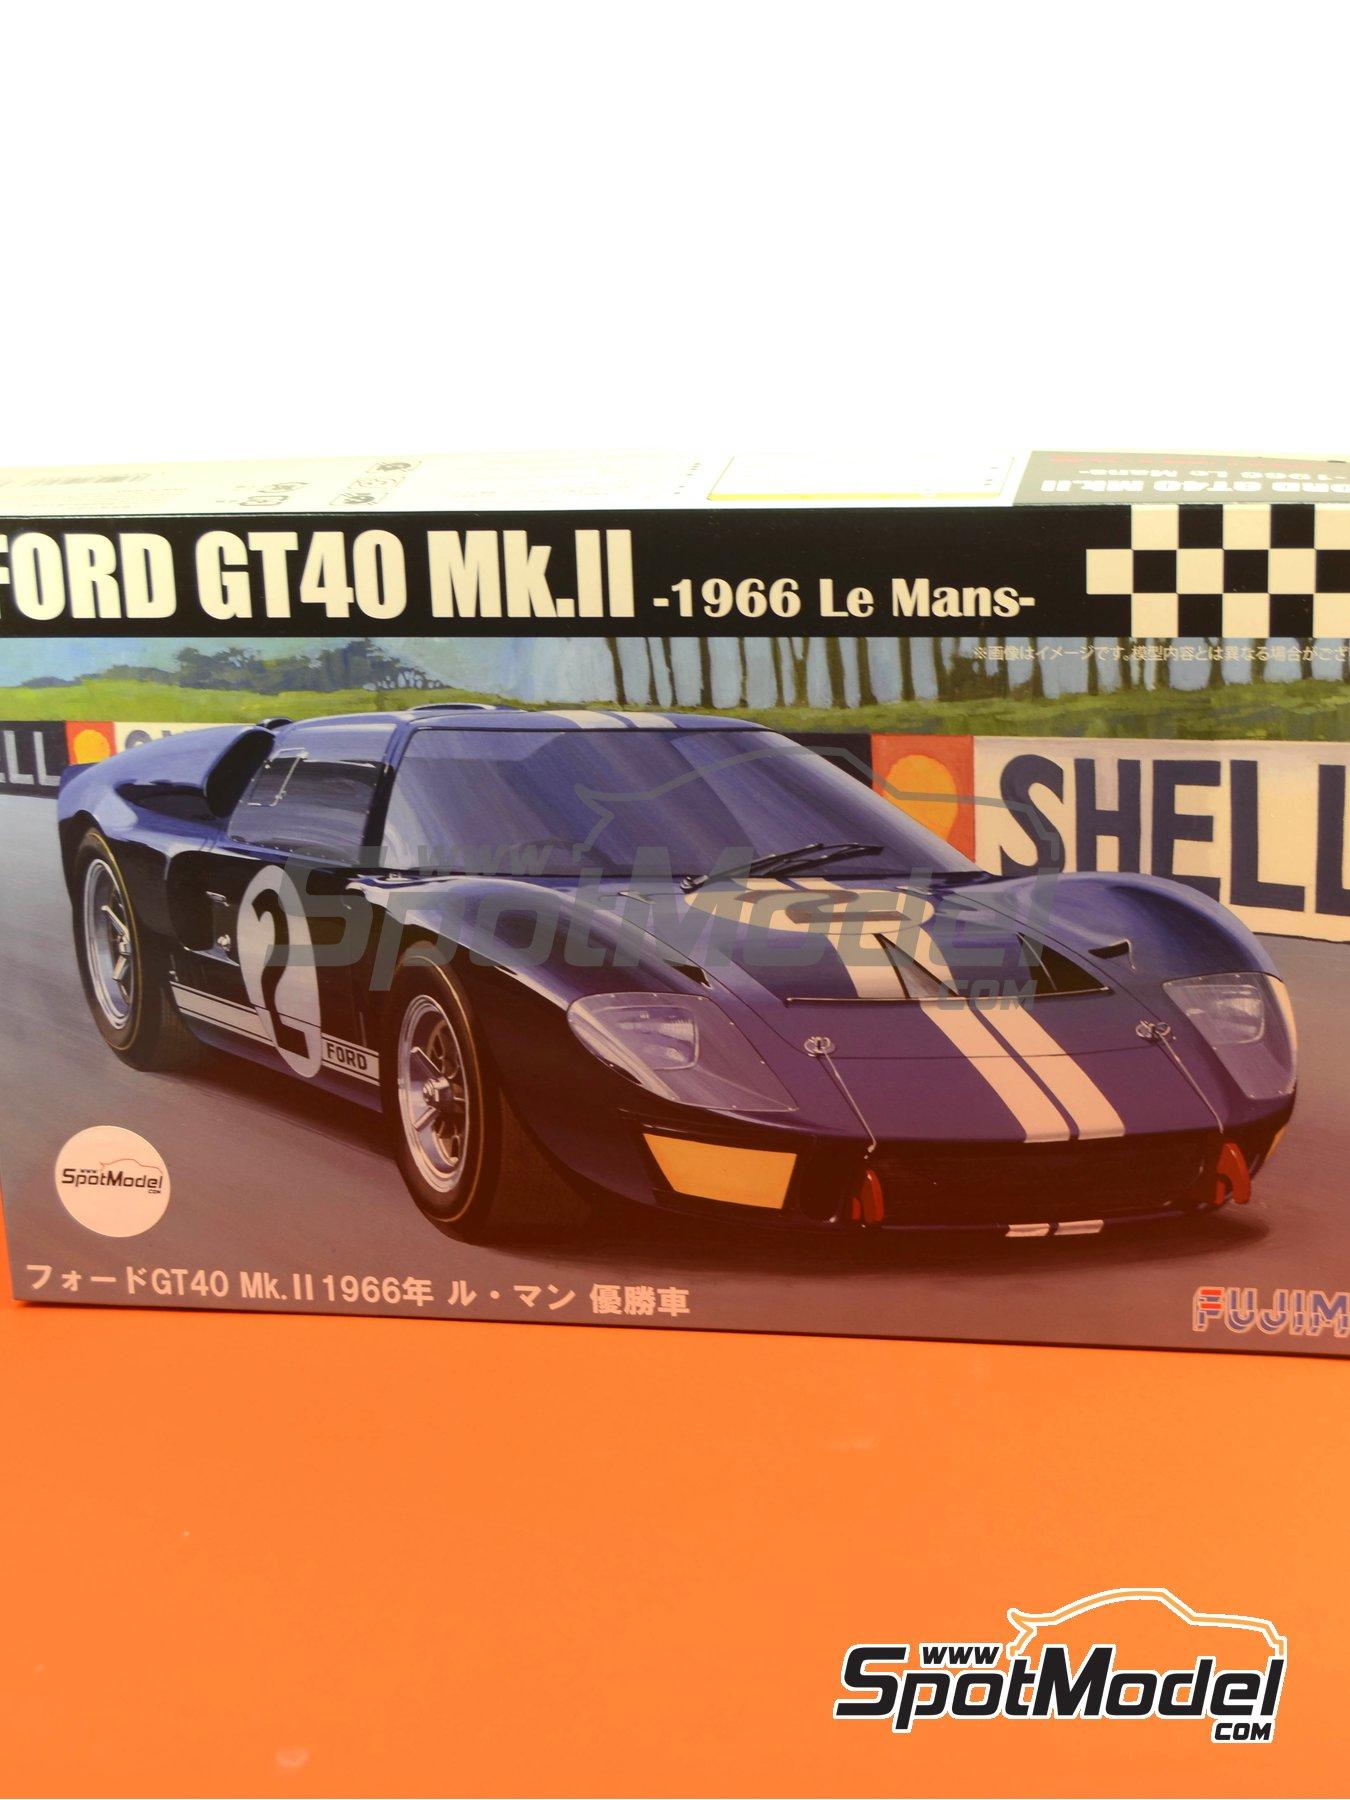 Ford GT40 Mk II - 24 Horas de Le Mans 1966 | Maqueta de coche en escala1/24 fabricado por Fujimi (ref.FJ126036, tambien 126036 y RS-16) image